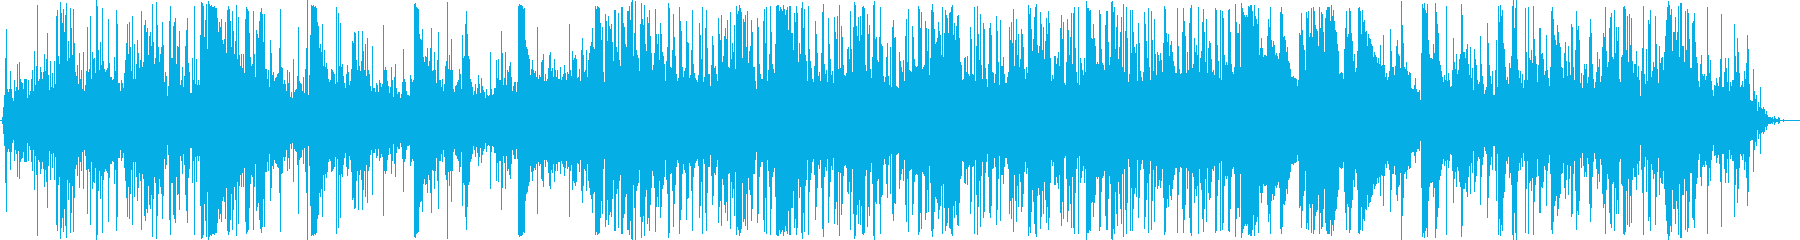 水とピアノのほのぼのBGMの再生済みの波形